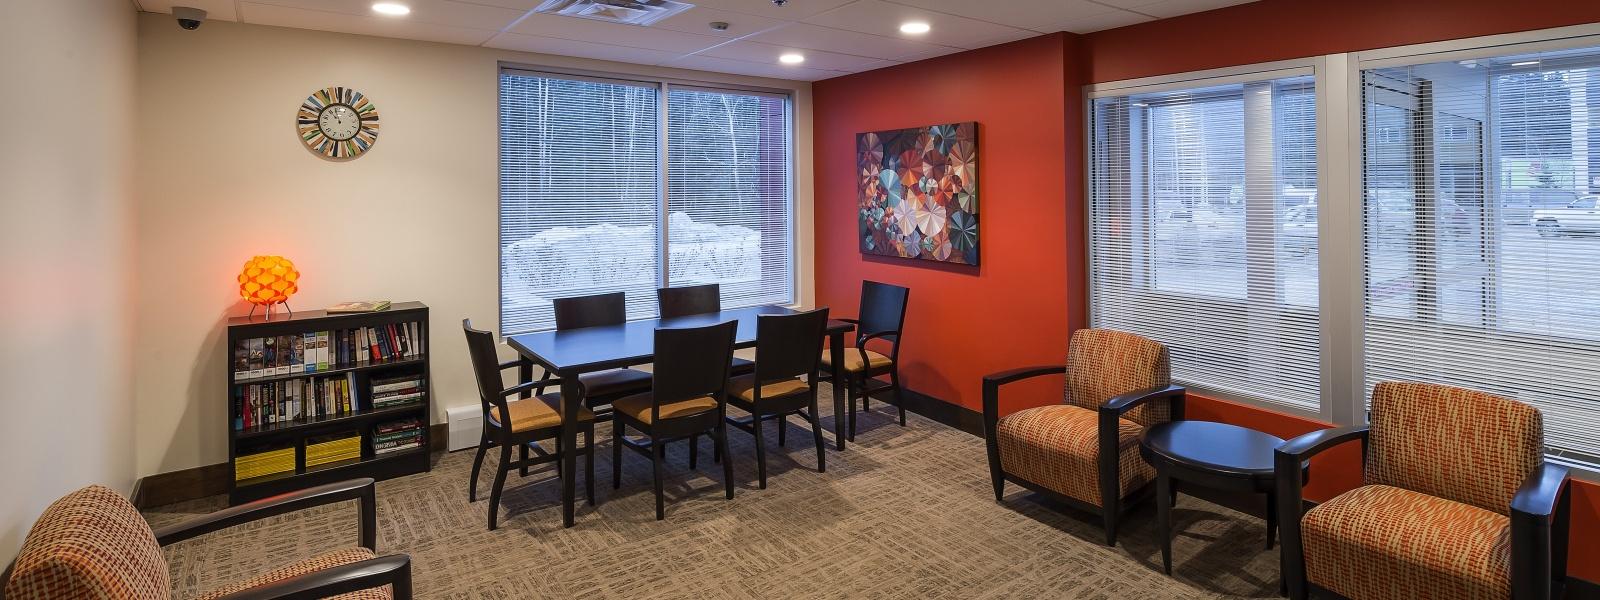 8860 Centennial Circle, Anchorage, Alaska, 99504, 1 Bedroom Bedrooms, ,1 BathroomBathrooms,Apartment,For Rent,Centennial Circle,1024